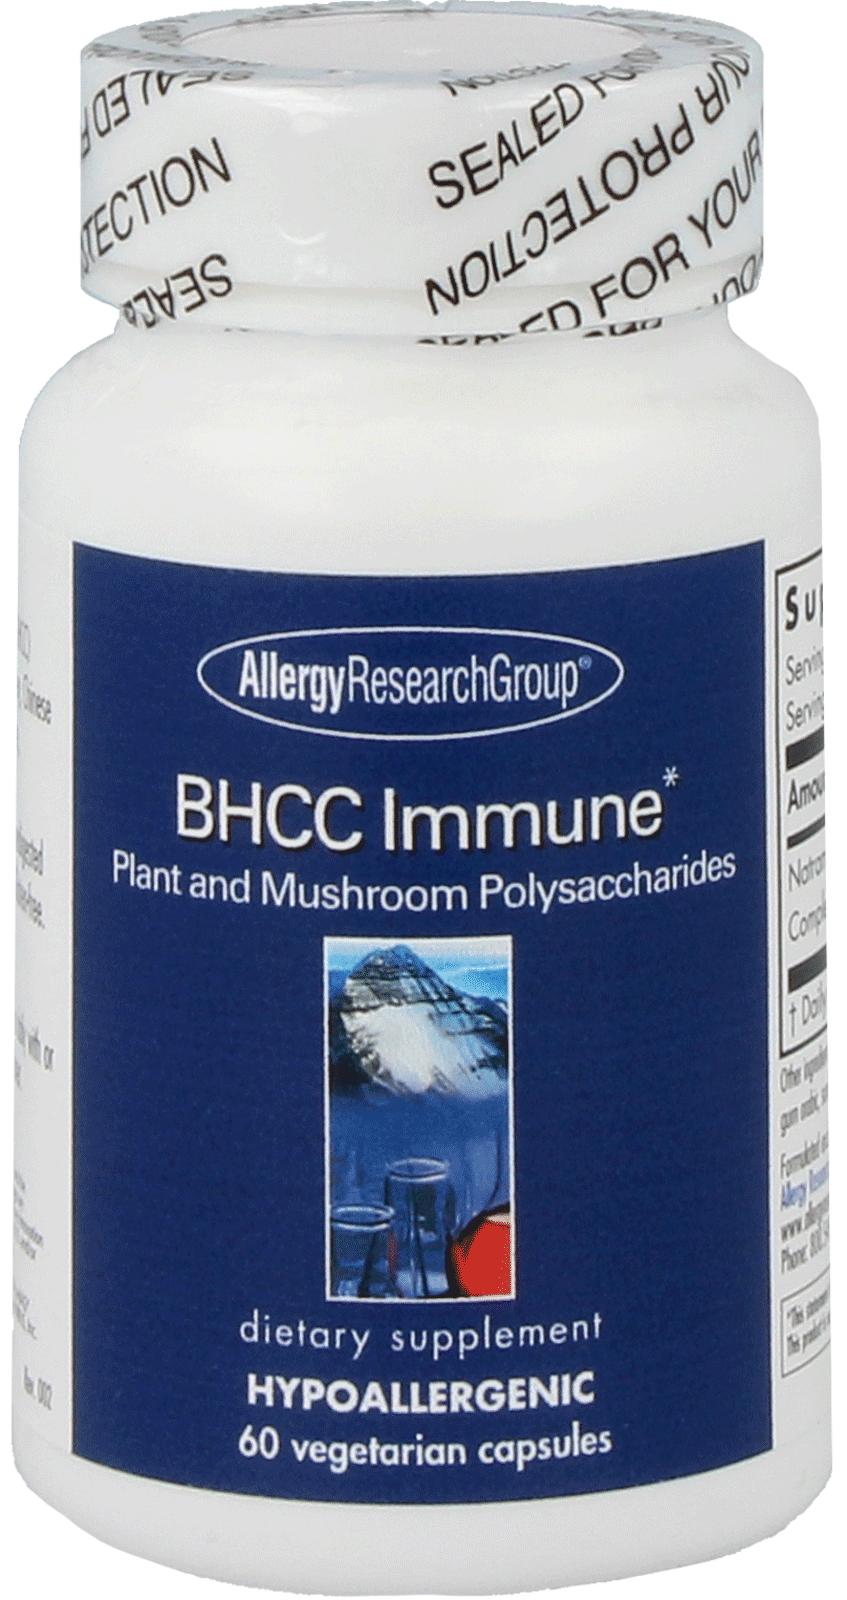 BHCC Immune